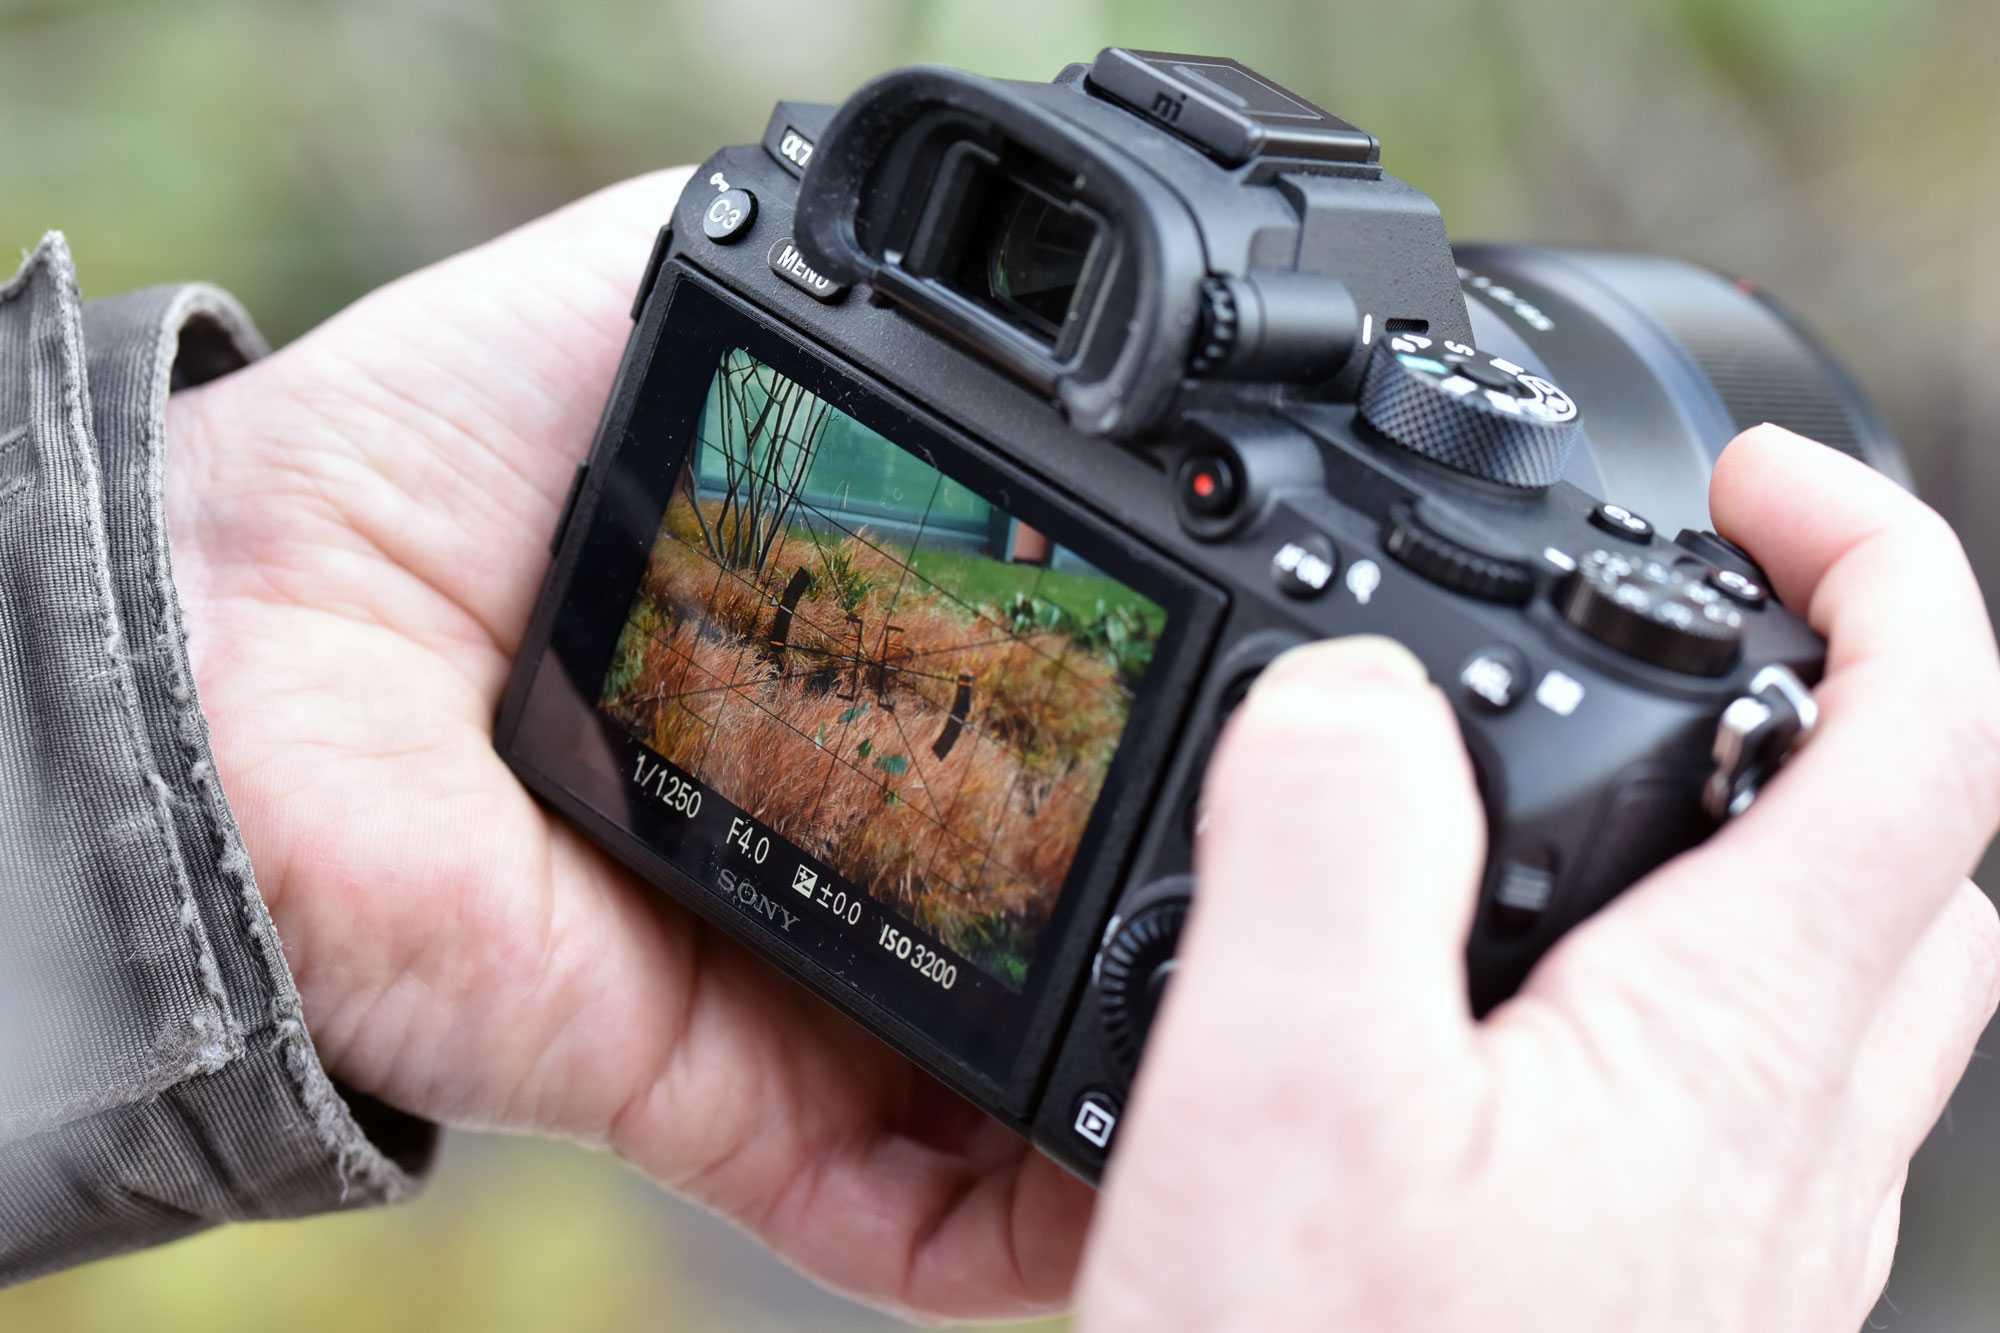 Компания Sony наконец-то анонсировала долгожданную прошивку для камеры A7 III и A7R III В результате удалось усовершенствовать качество автофокусировки а также